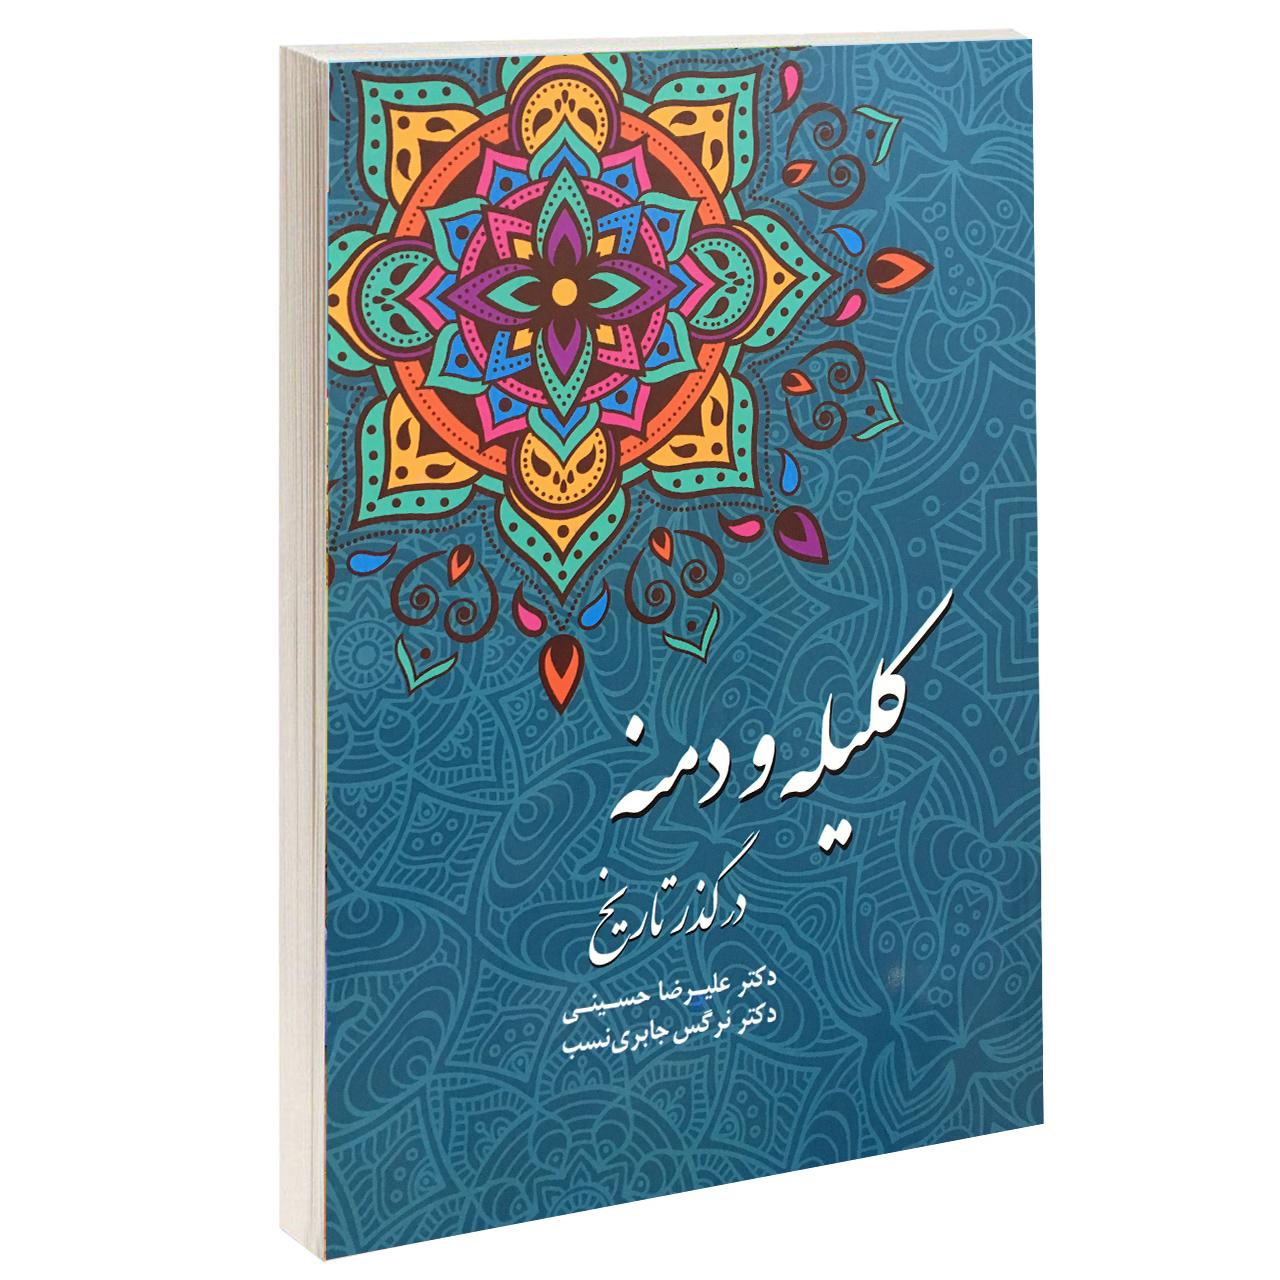 کتاب کلیله و دمنه در گذر تاریخ اثر علیرضا حسینی نشر داریوش